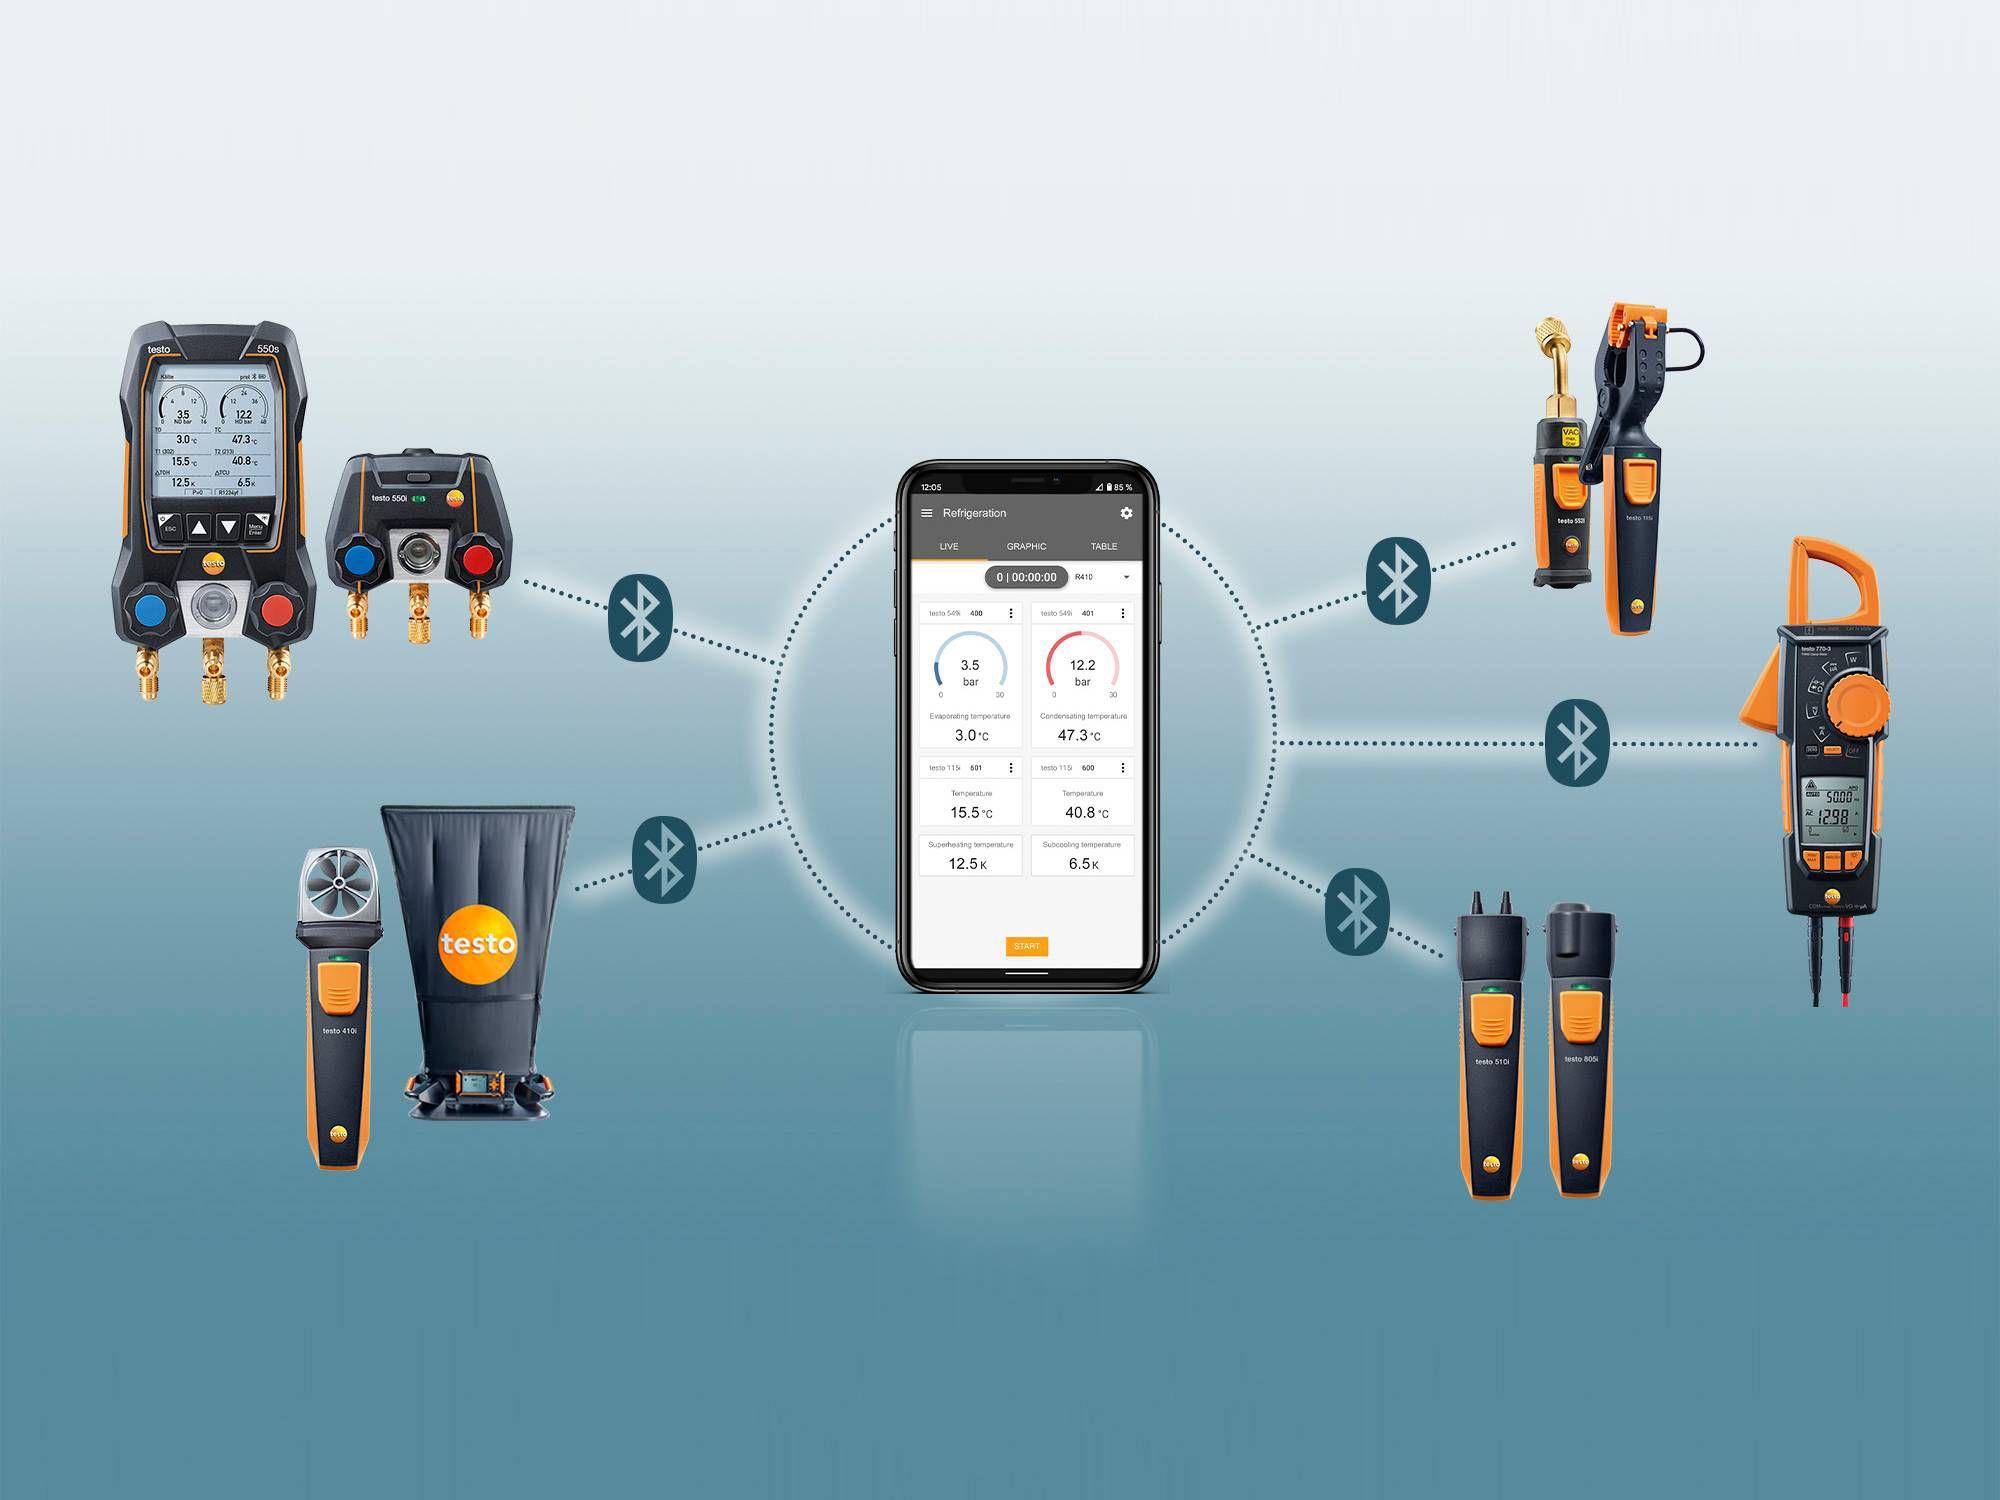 Imag-PT-testo-smart-App-2000x1500.jpg